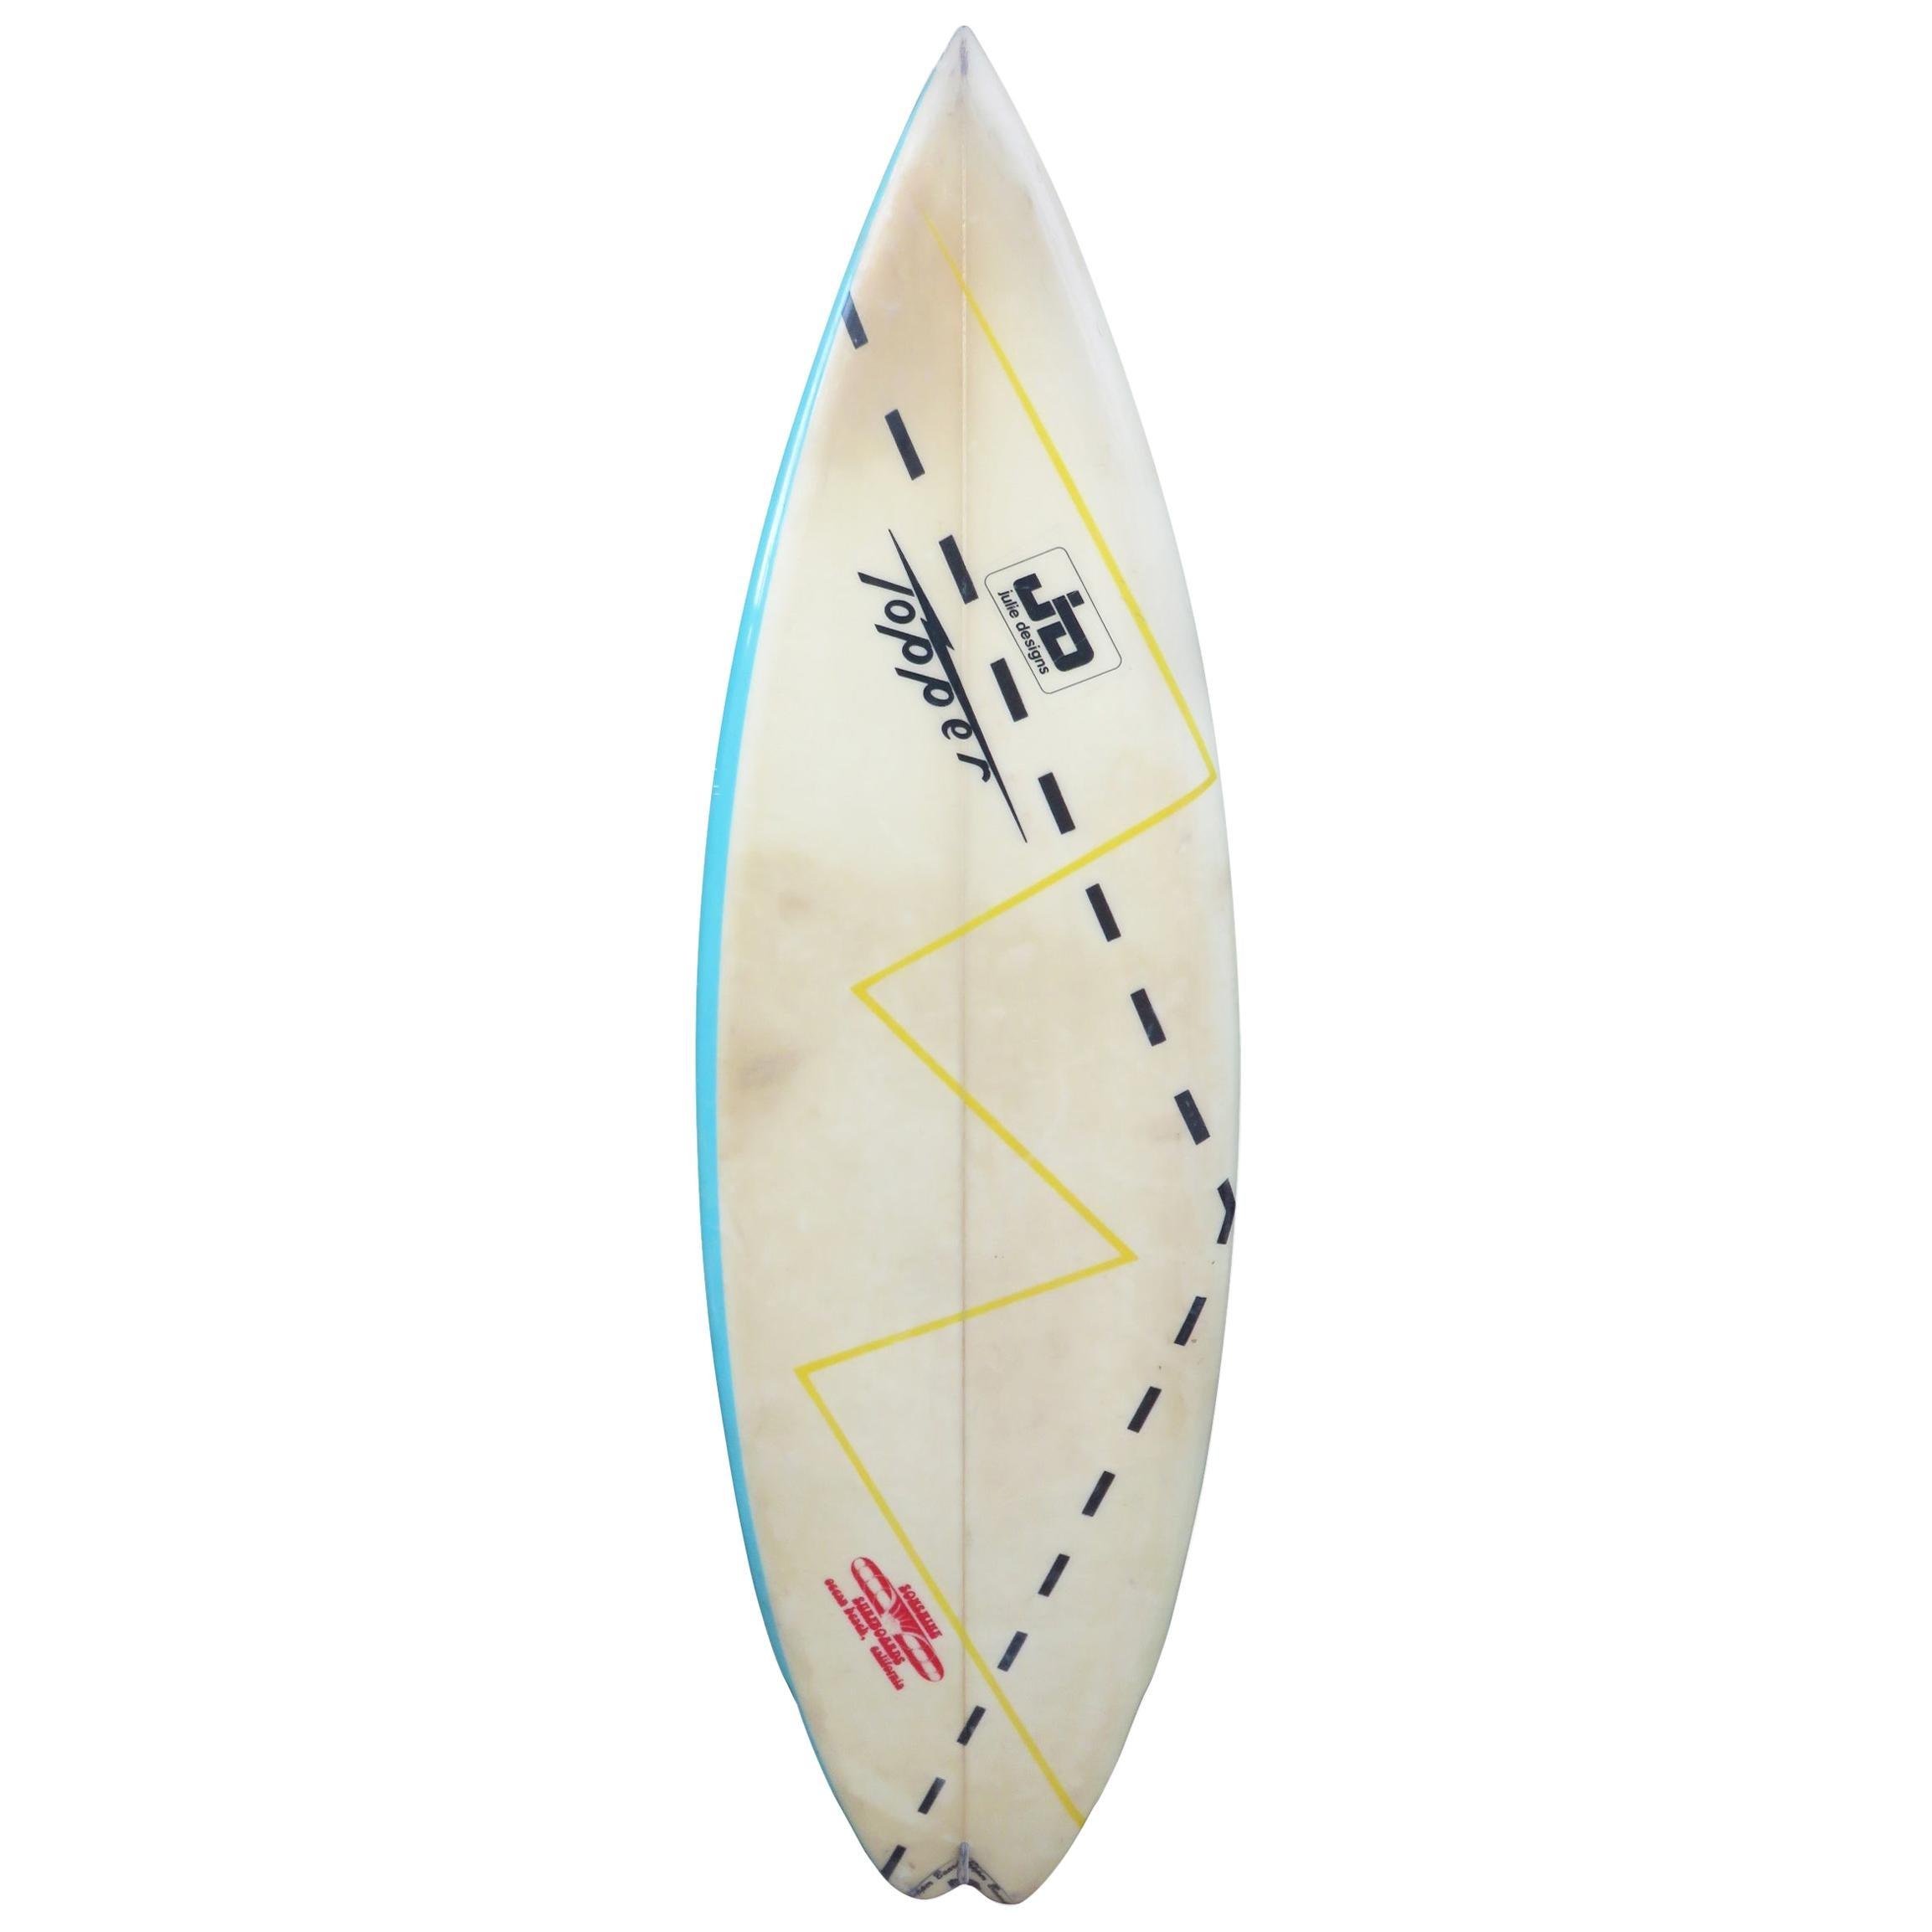 1980s Vintage Sonshine Surfboards Topper Shortboard